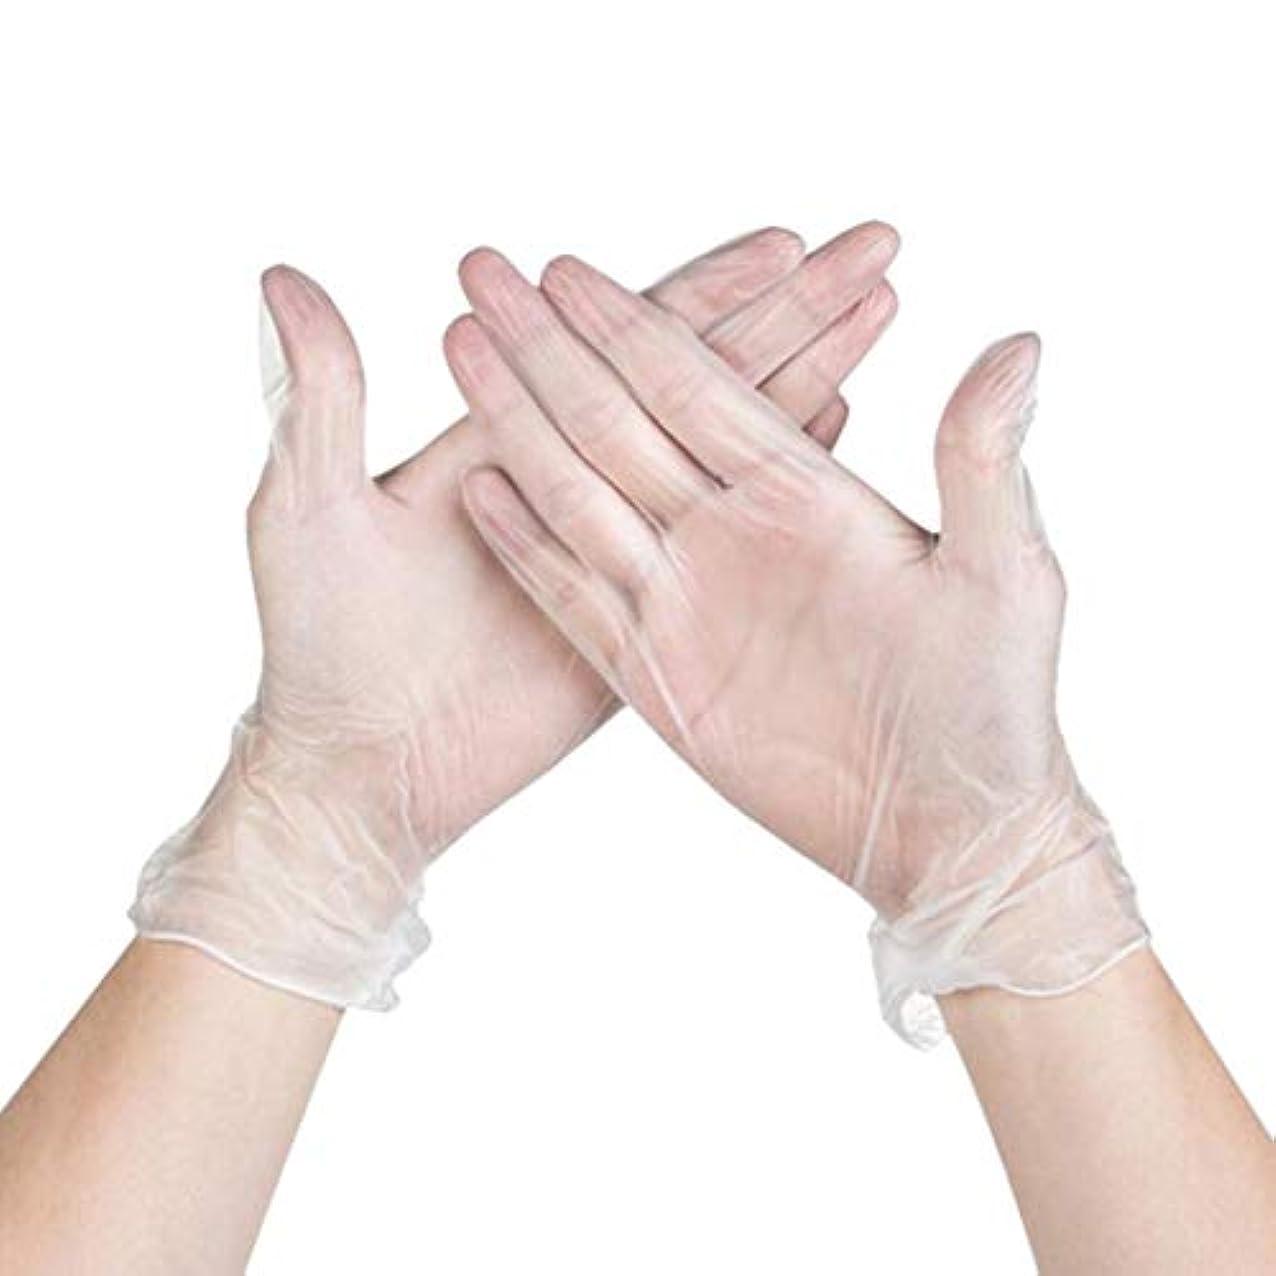 悪夢レビュアー禁止するPinji 使い捨て手袋 100枚入 透明 手袋 ポリエチレン 左右兼用 薄型 グローブ PVC手袋 耐油 料理 掃除 衛生 ホワイト 実用 医療 美容 科学実験 M